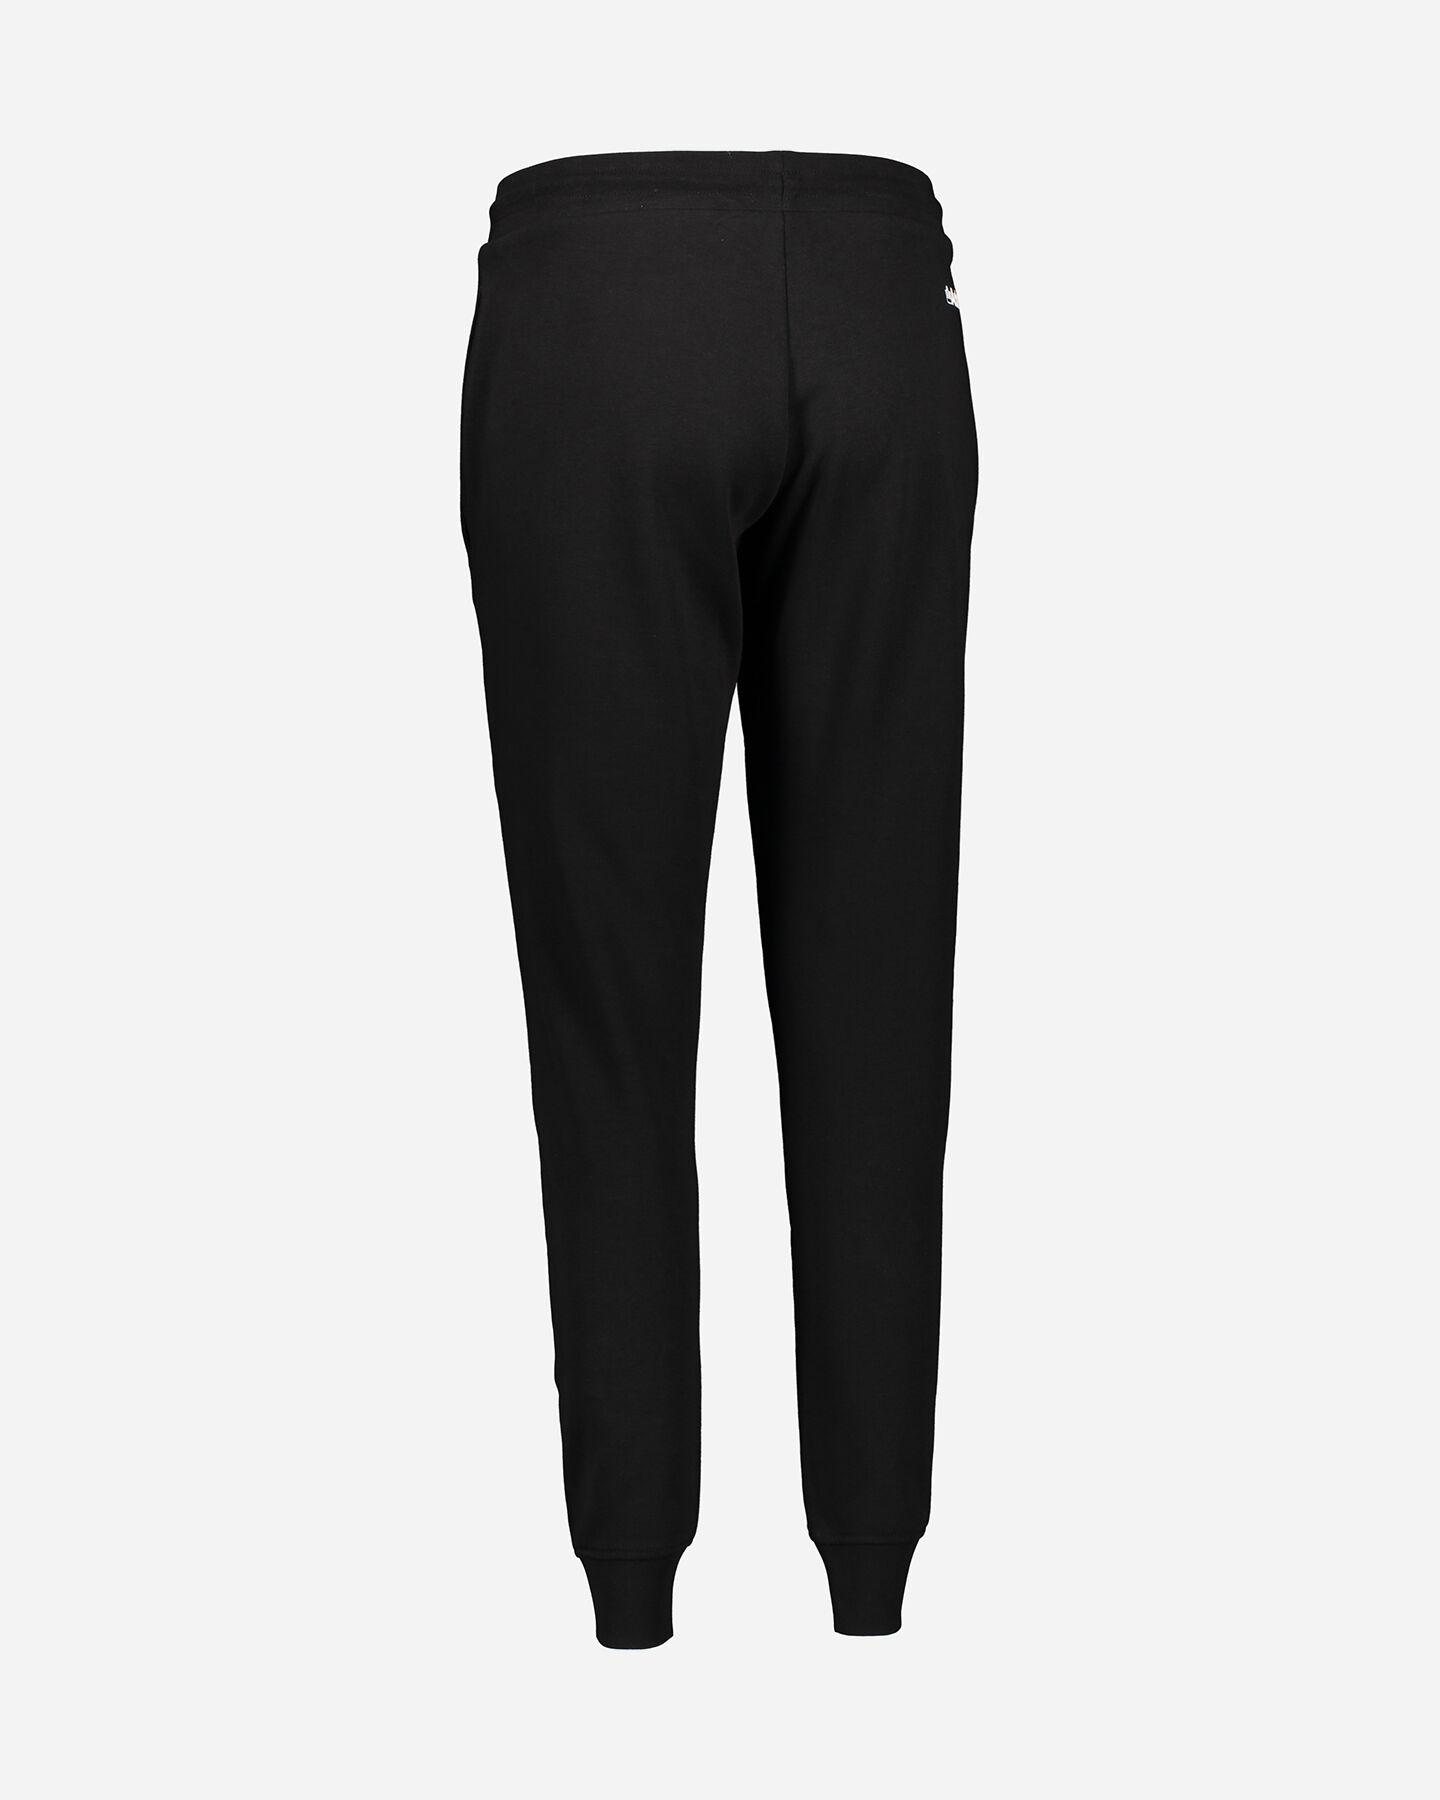 Pantalone ADMIRAL CLASSIC W S4087720 scatto 2